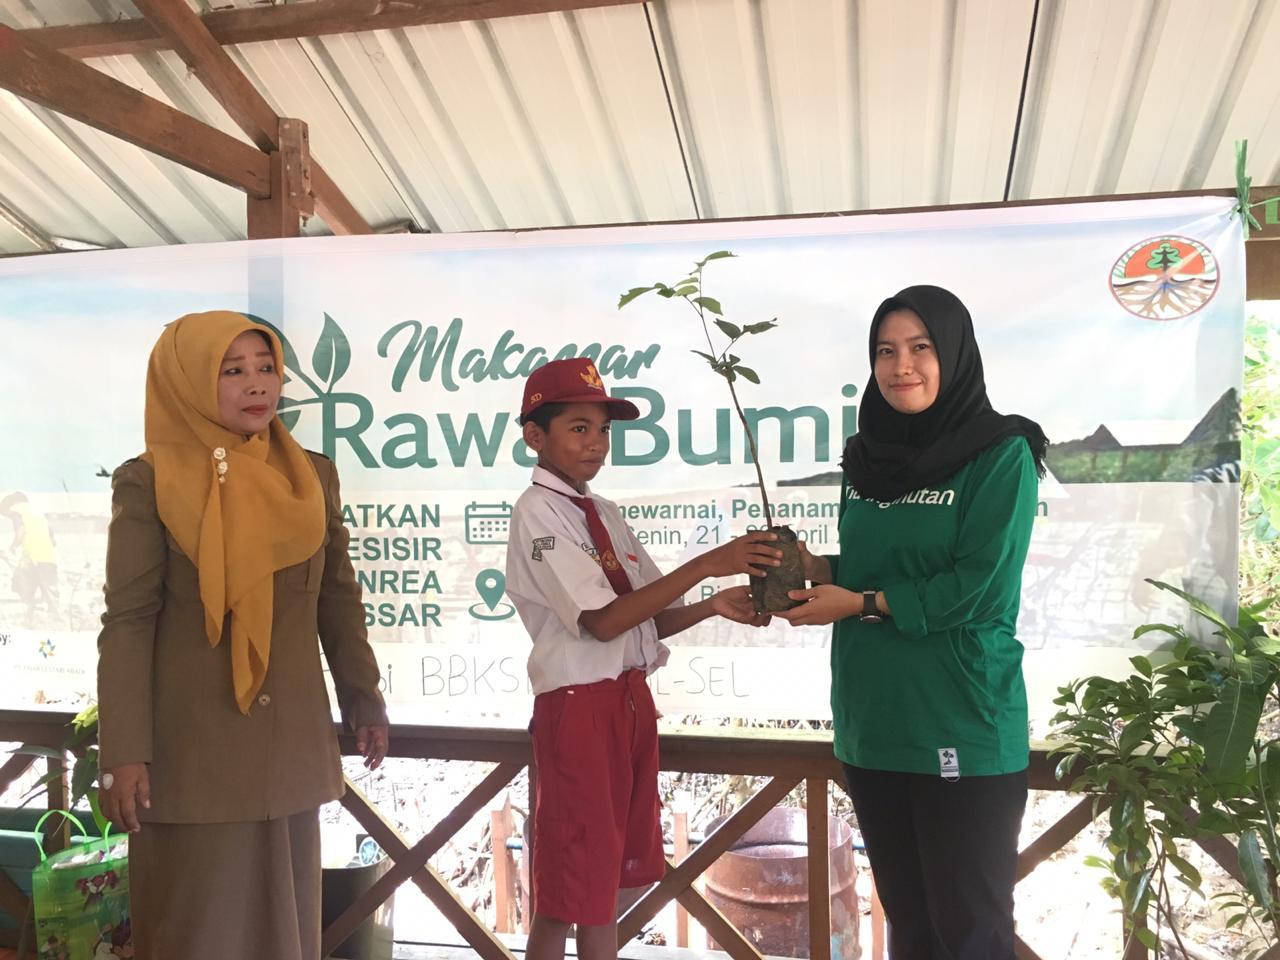 Relawan LindungiHutan Makassar Mengadakan Lomba Mewarnai bagi Anak-anak di Makassar, Sulawesi Selatan.